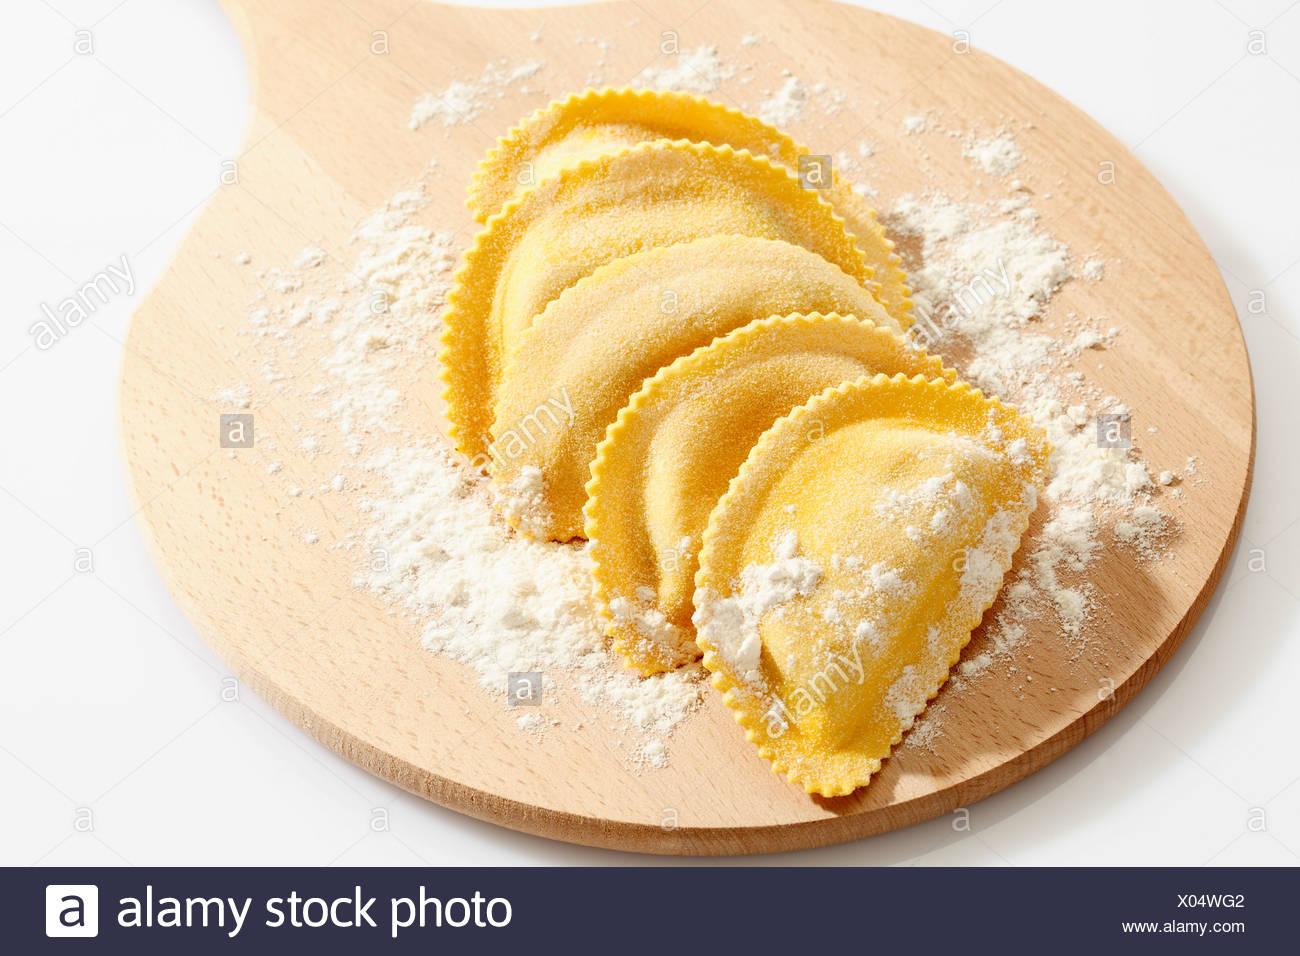 Forma de medialuna pasta con harina sobre una tabla de cortar Imagen De Stock